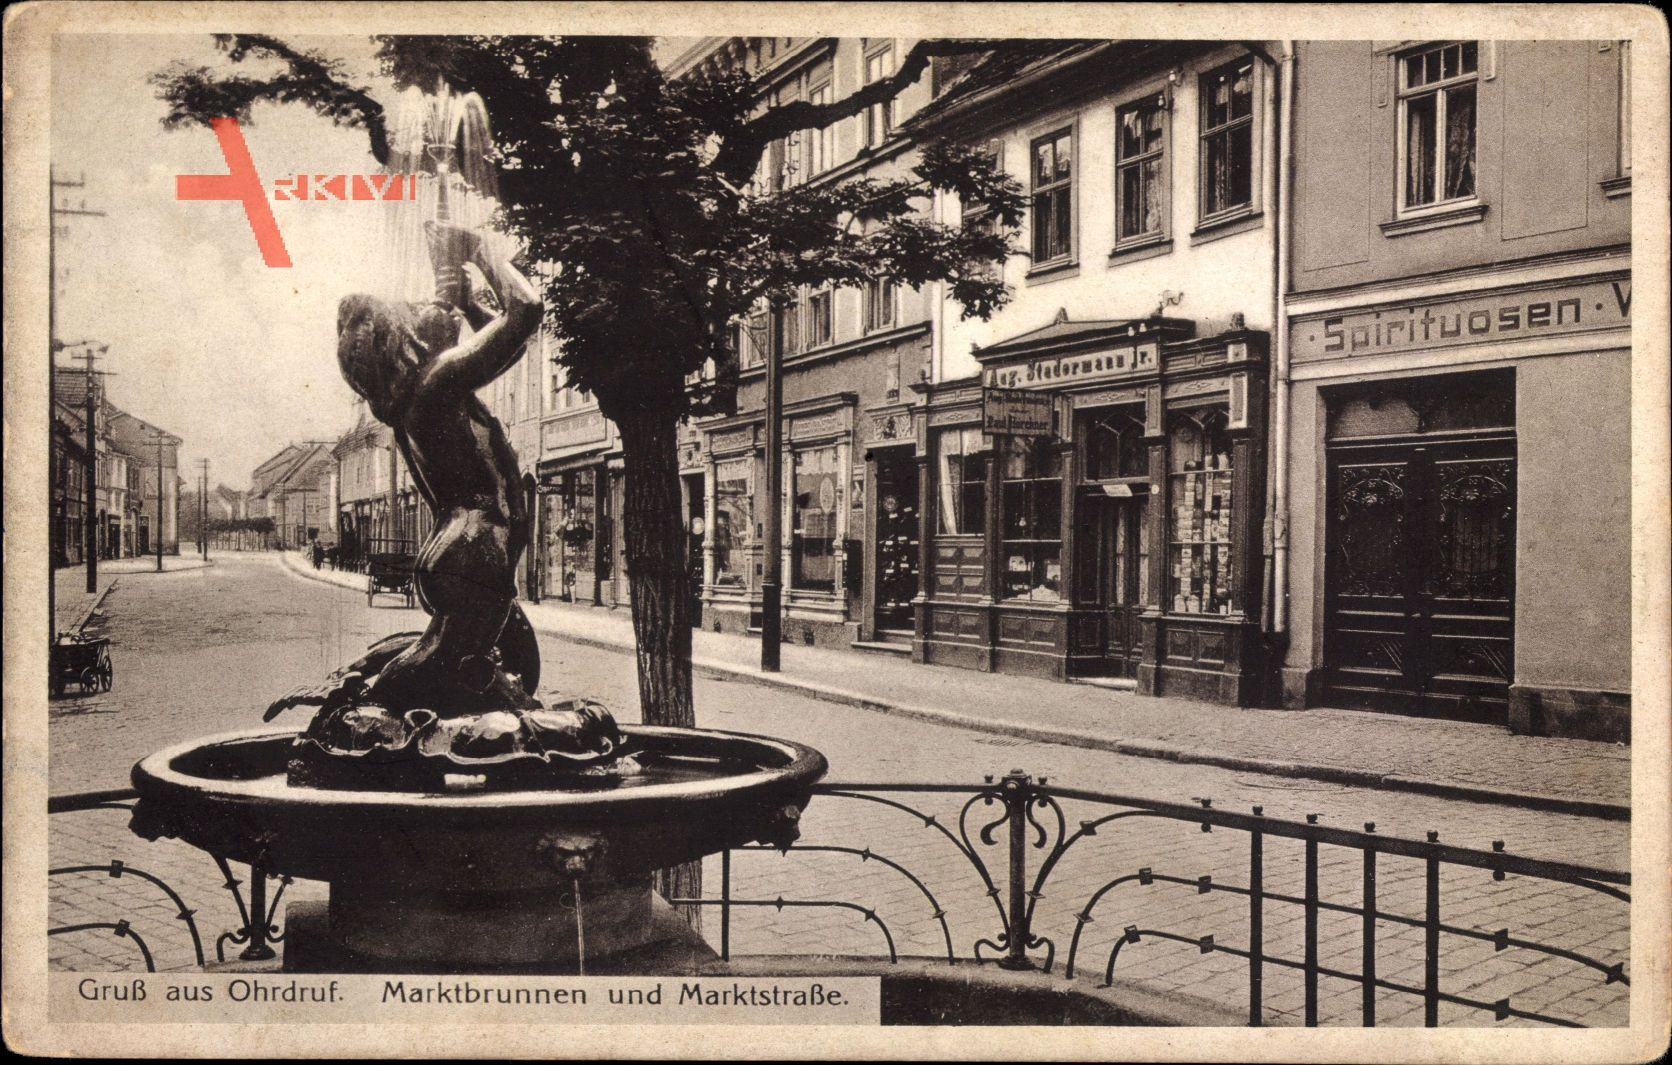 Ohrdruf im Thüringischen Kreis Gotha, Marktbrunnen und Marktstraße